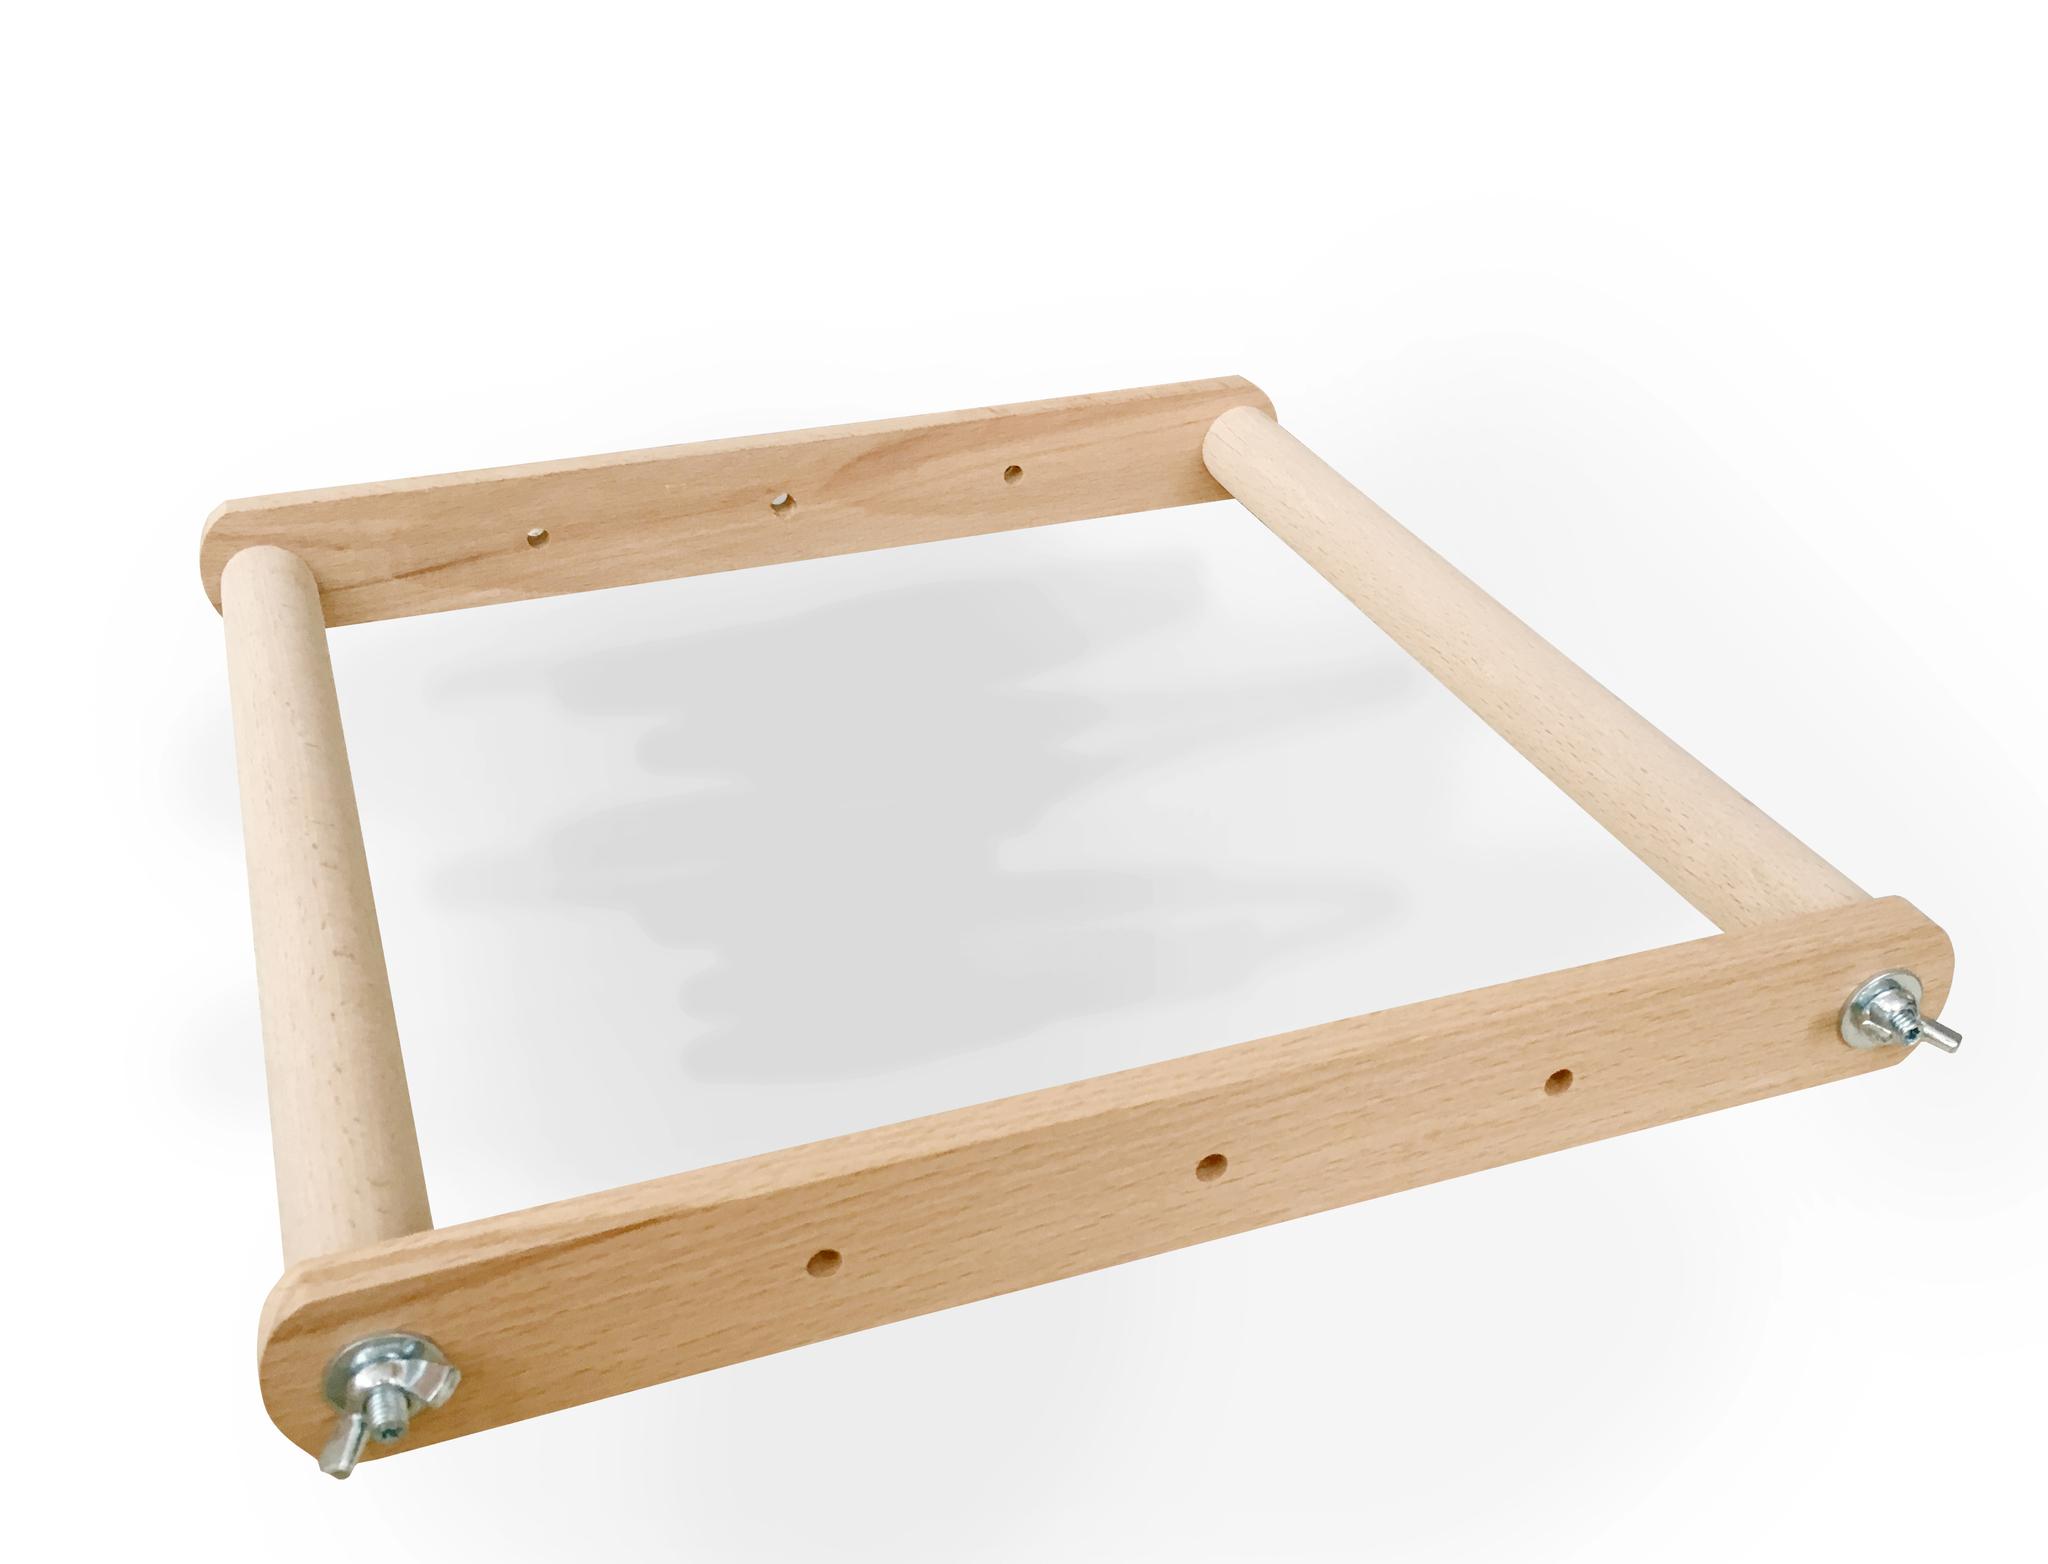 #ПростоПяльца Пяльцы-рамка 30х30 см рамка.jpg